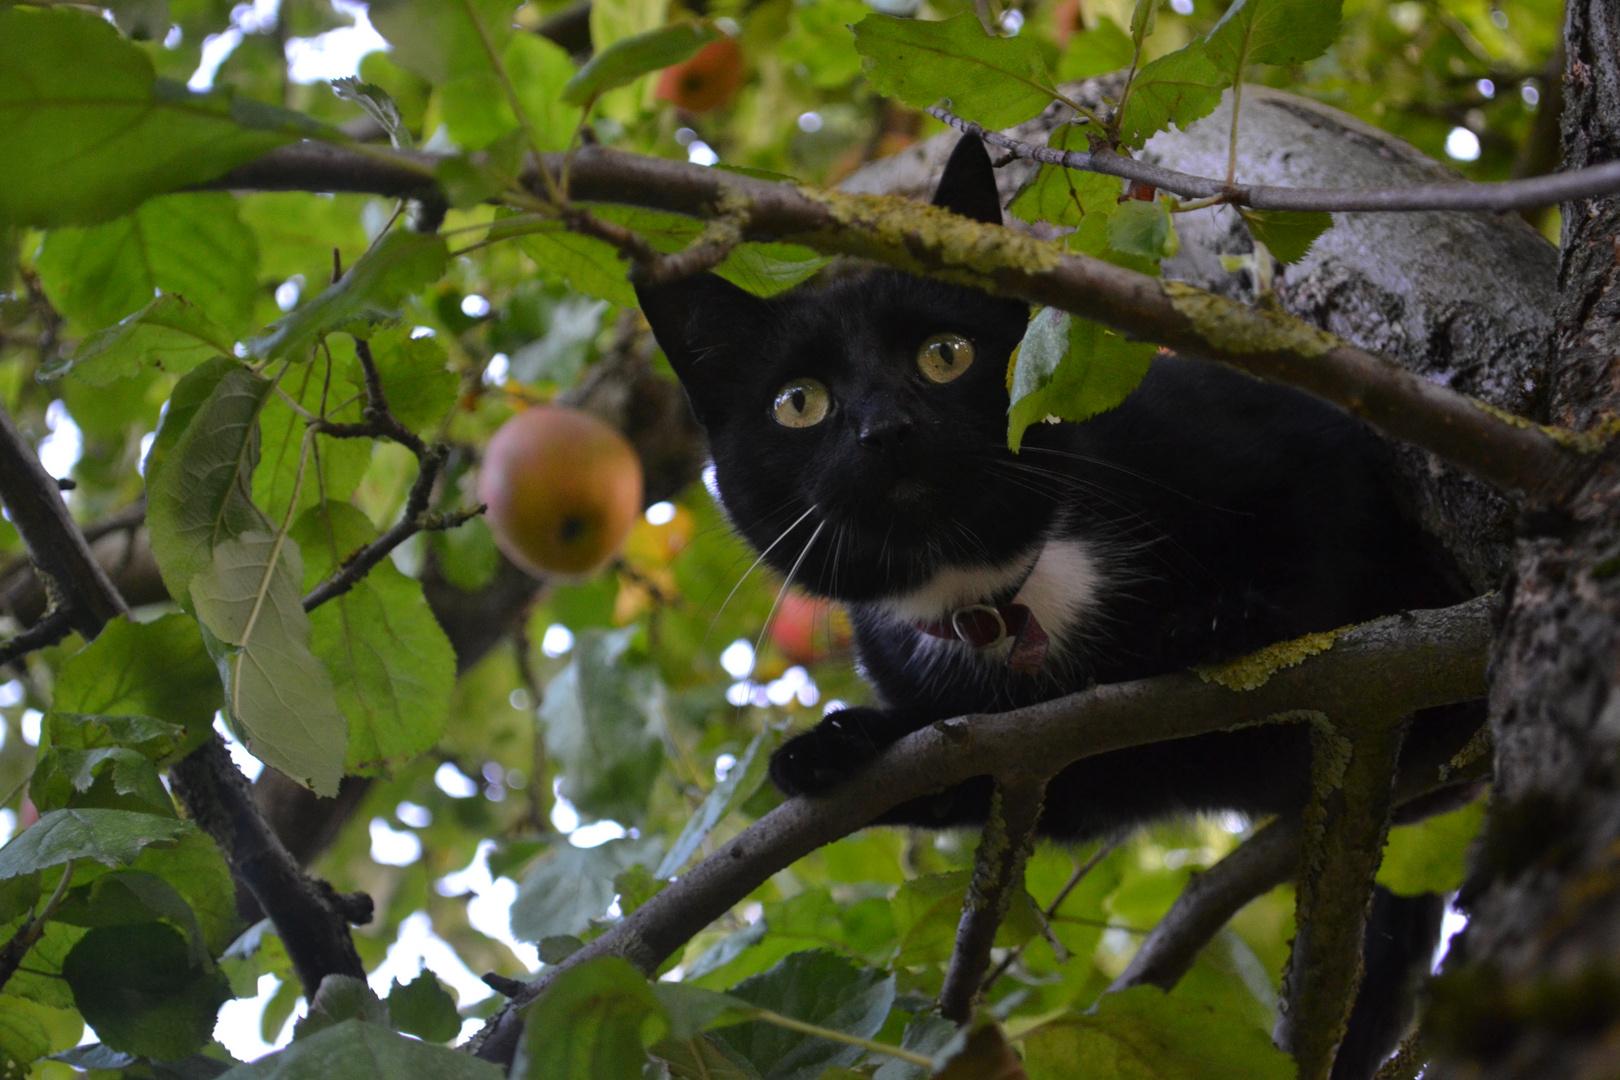 mehr ein Eichhörnchen statt einer Katze ;)